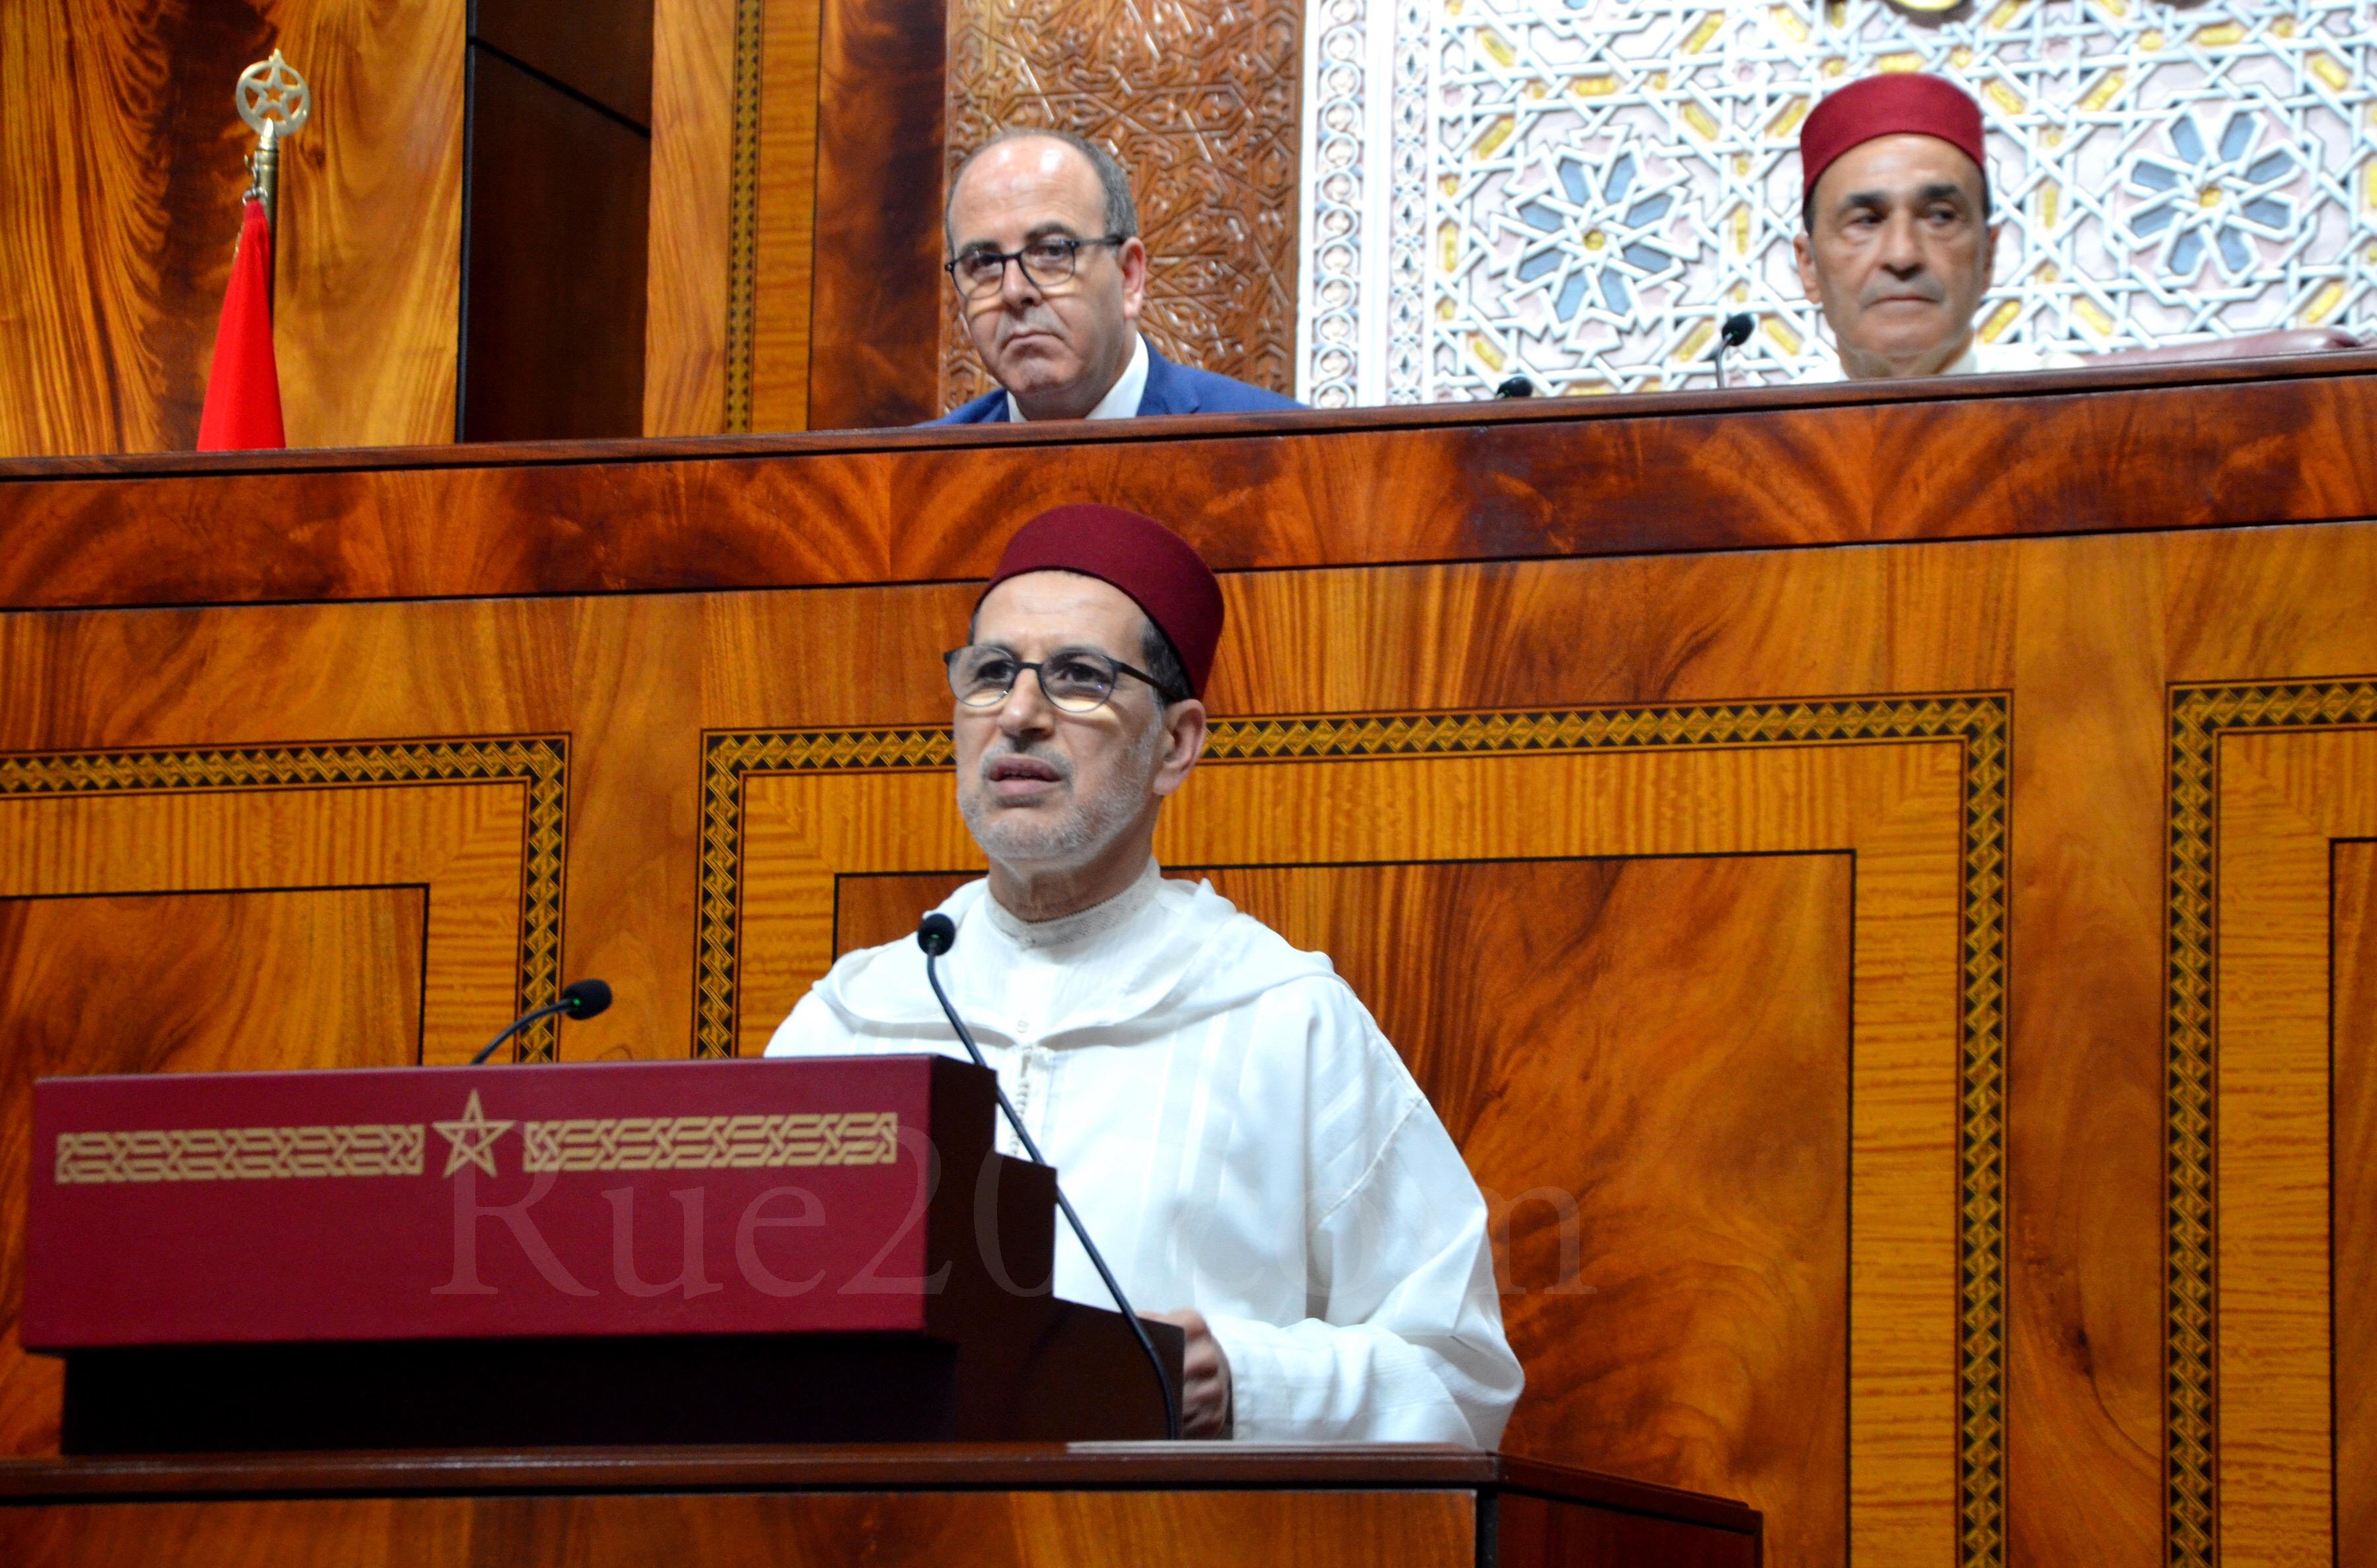 العثماني يحل بمجلس المستشارين للإجابة على السياسات العامة للحكومة